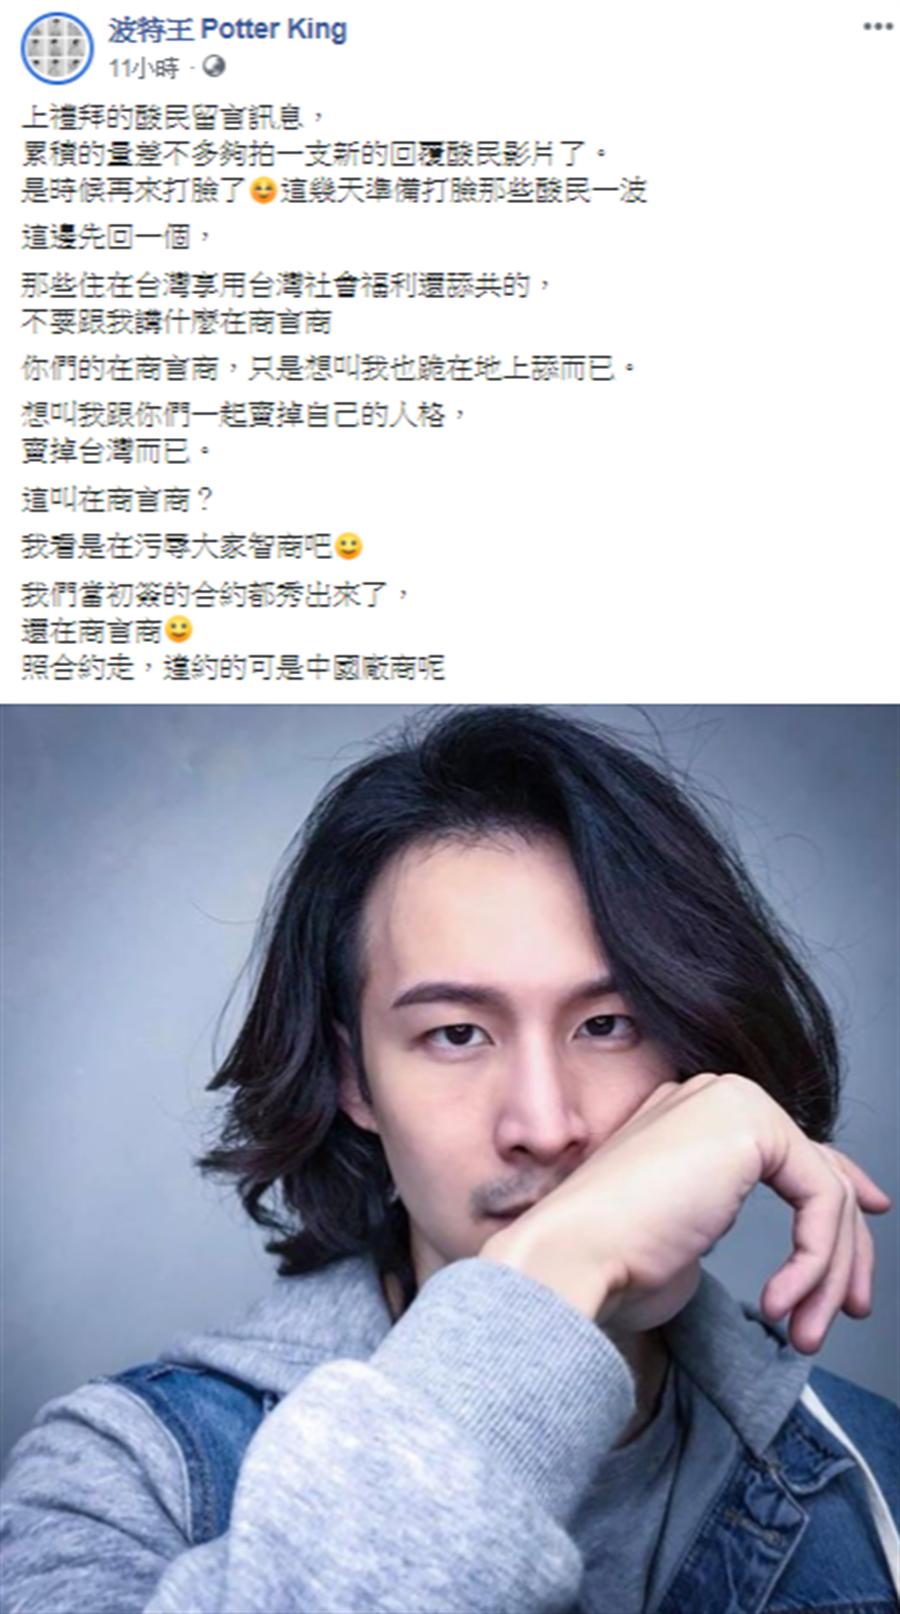 波特王臉書全文。(圖/波特王臉書)